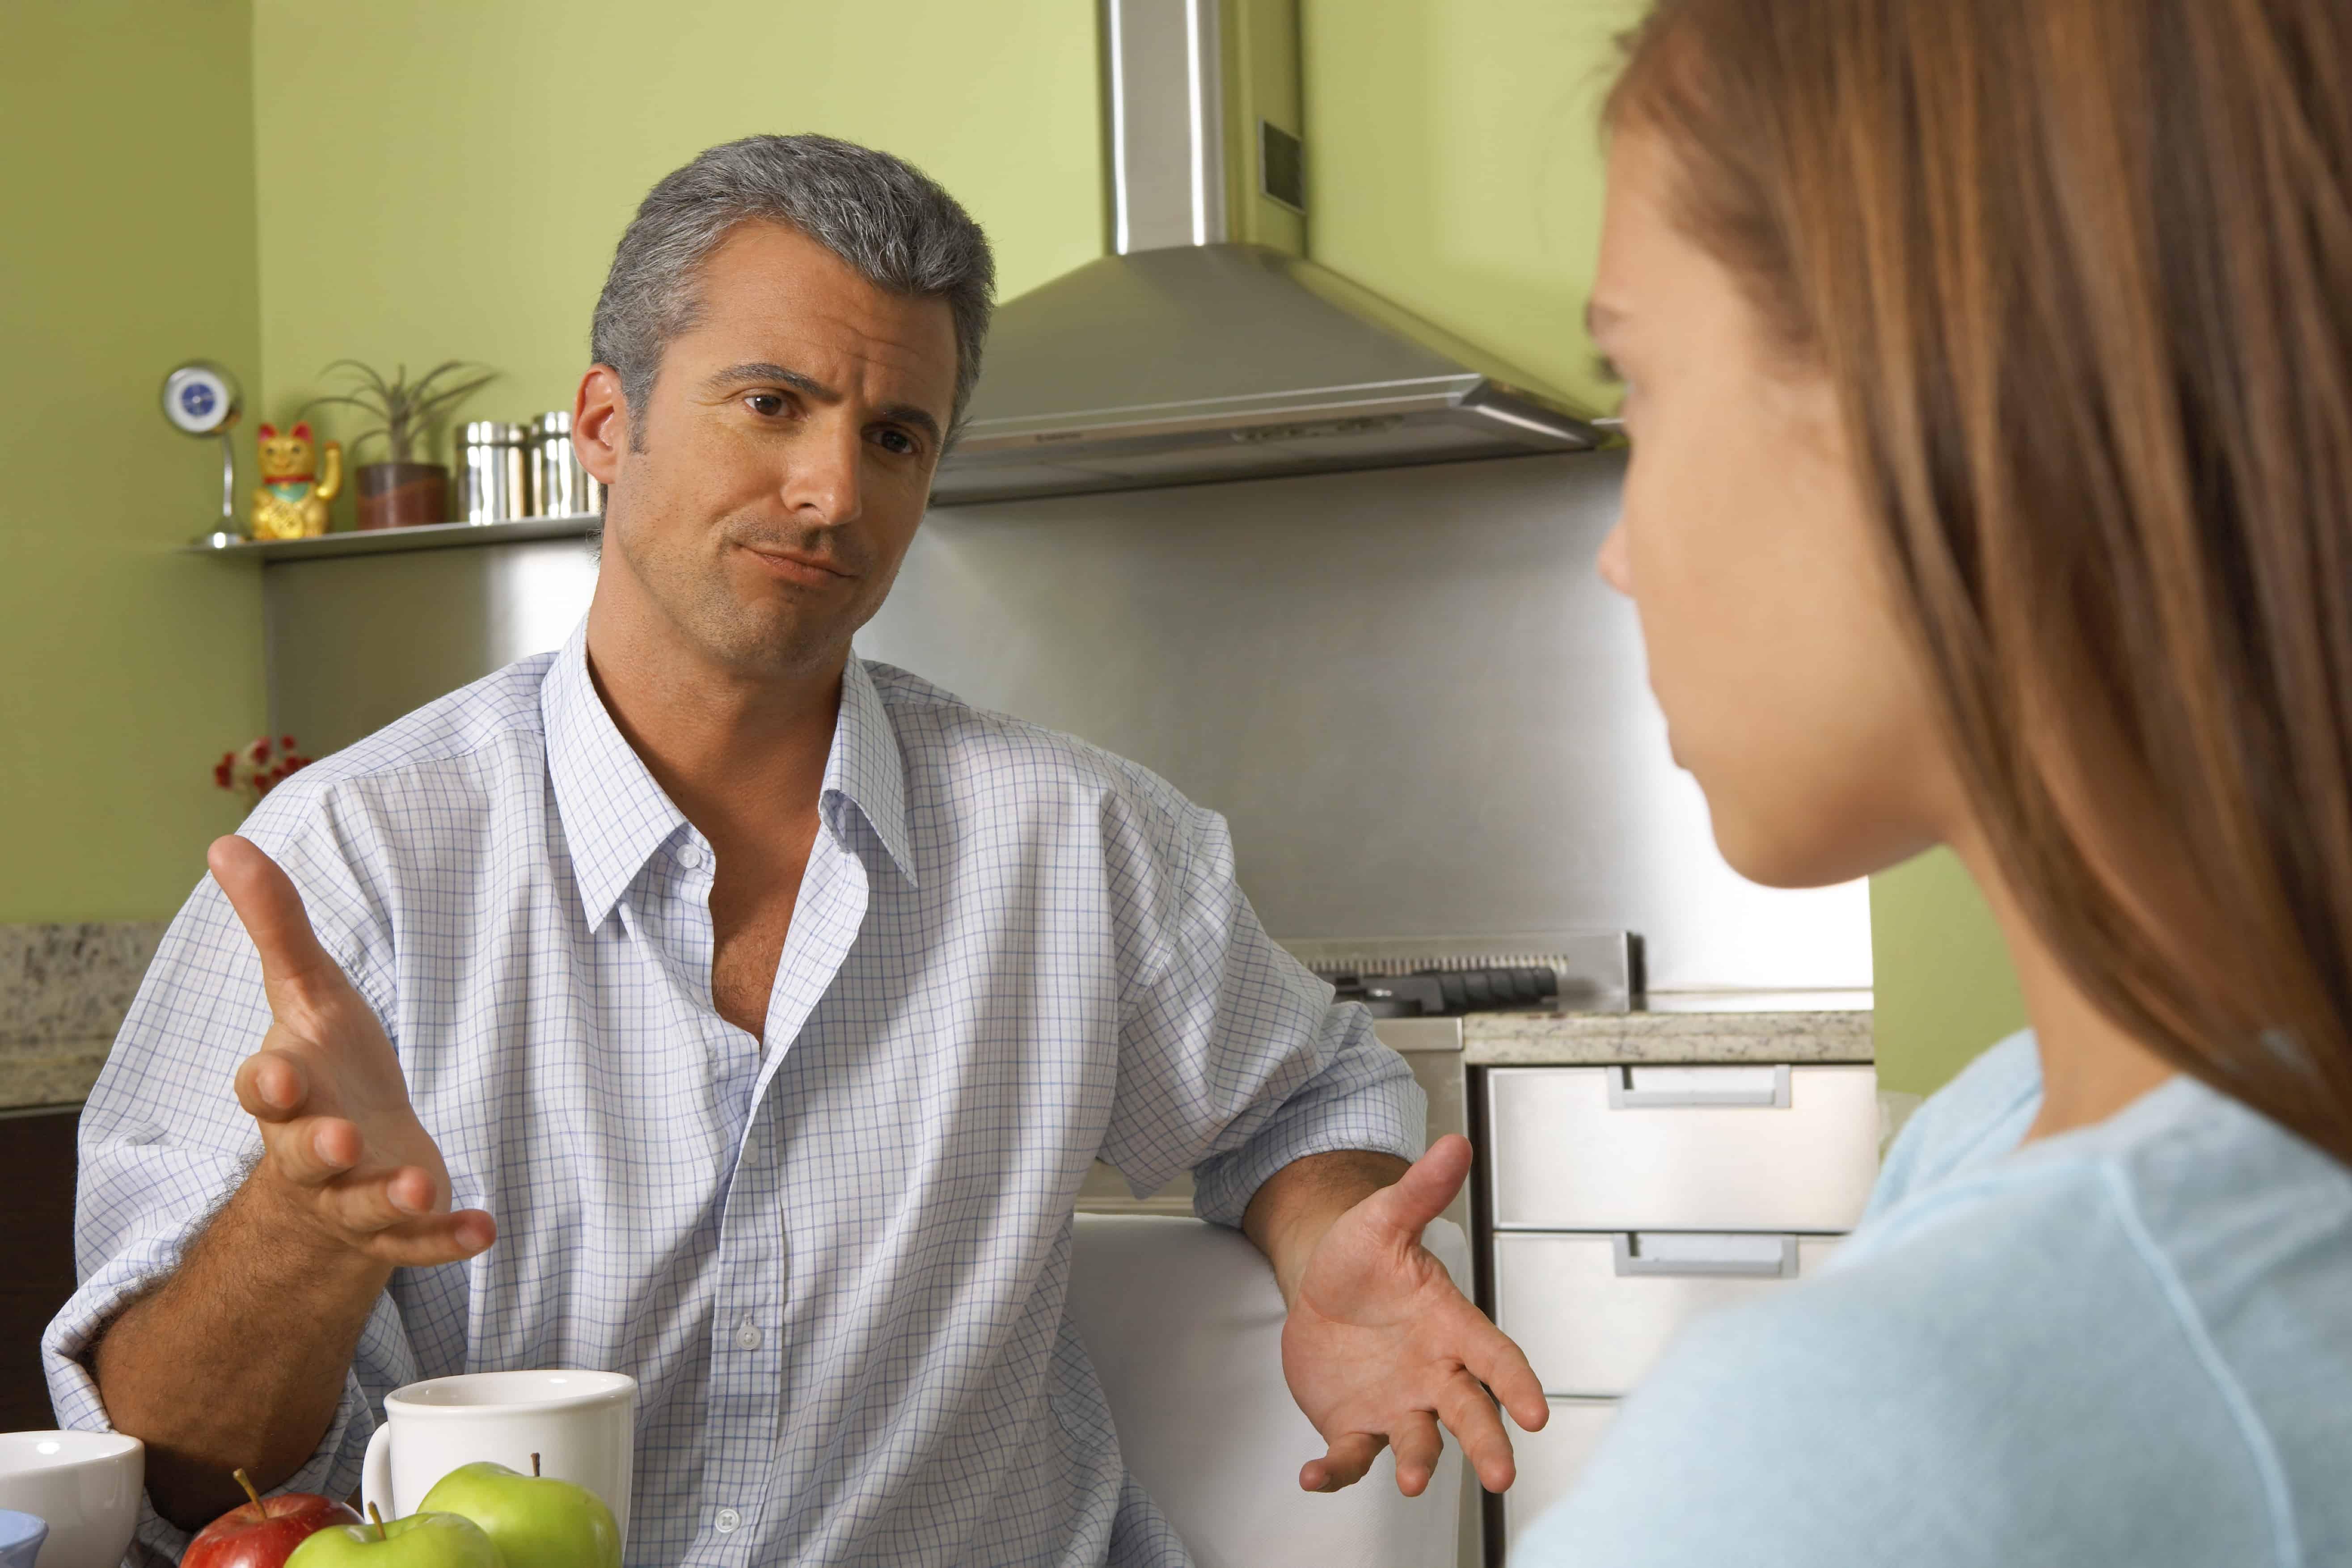 Ein Vater unterhält sich mit seiner Tochter am Tisch in der Küche